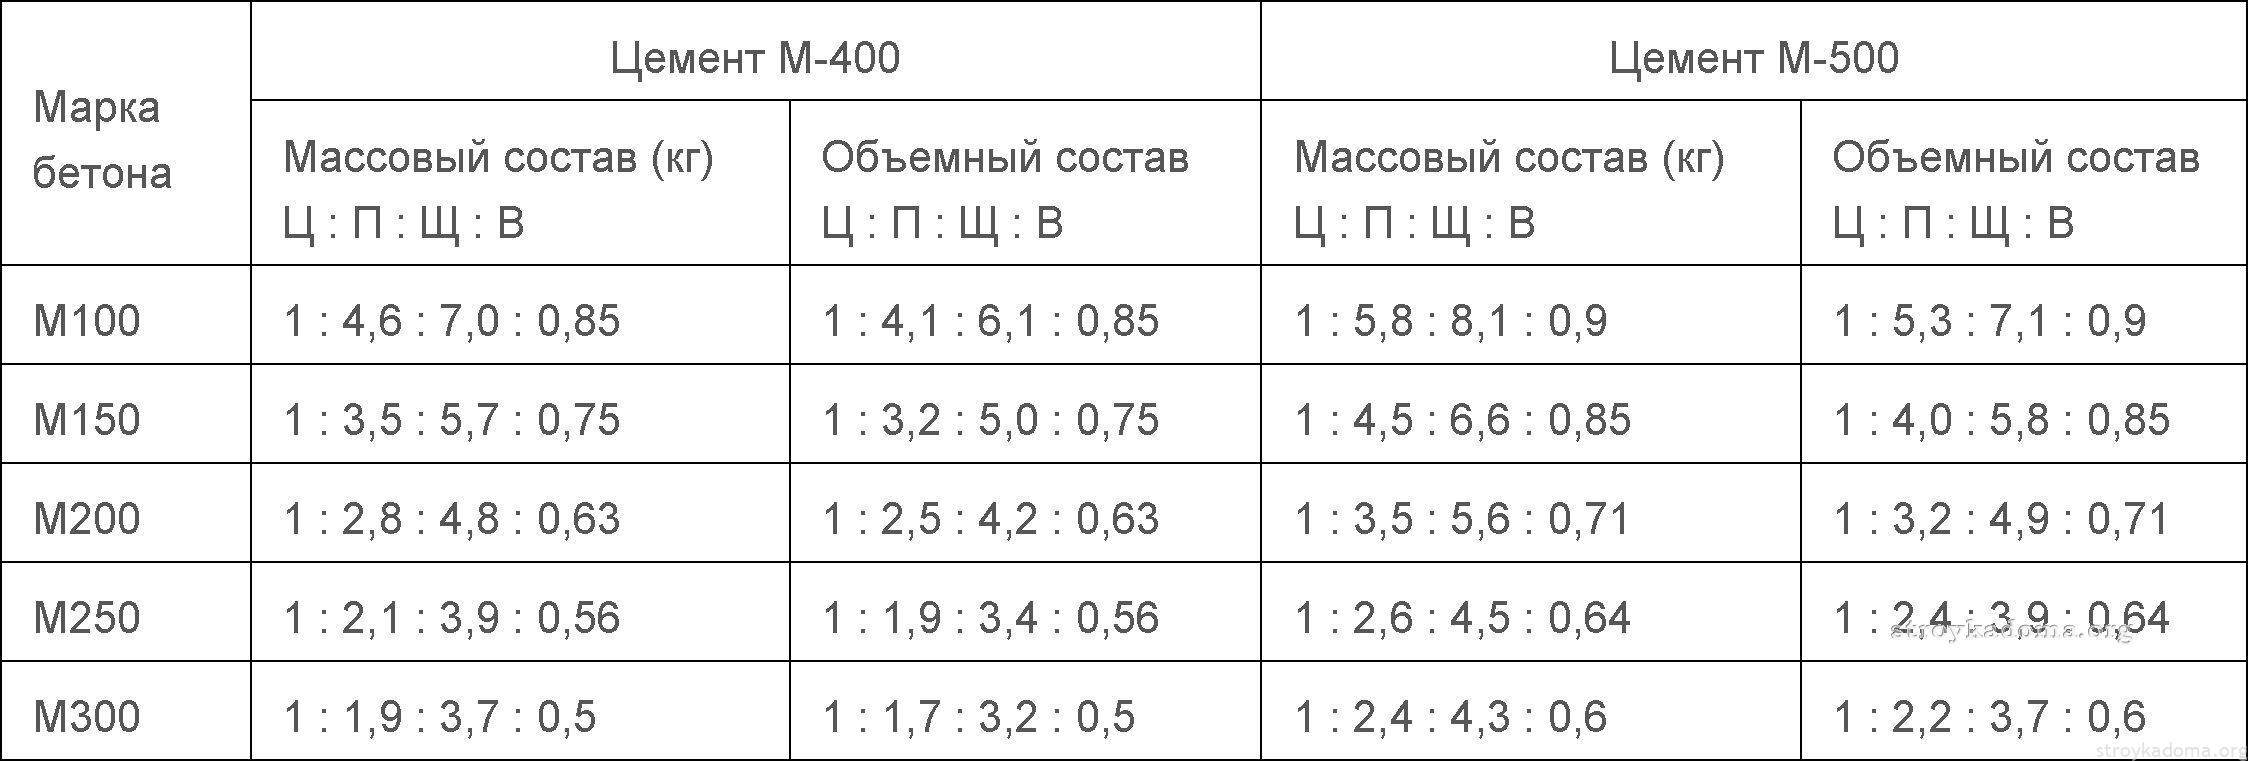 Таблица состава белго цемента